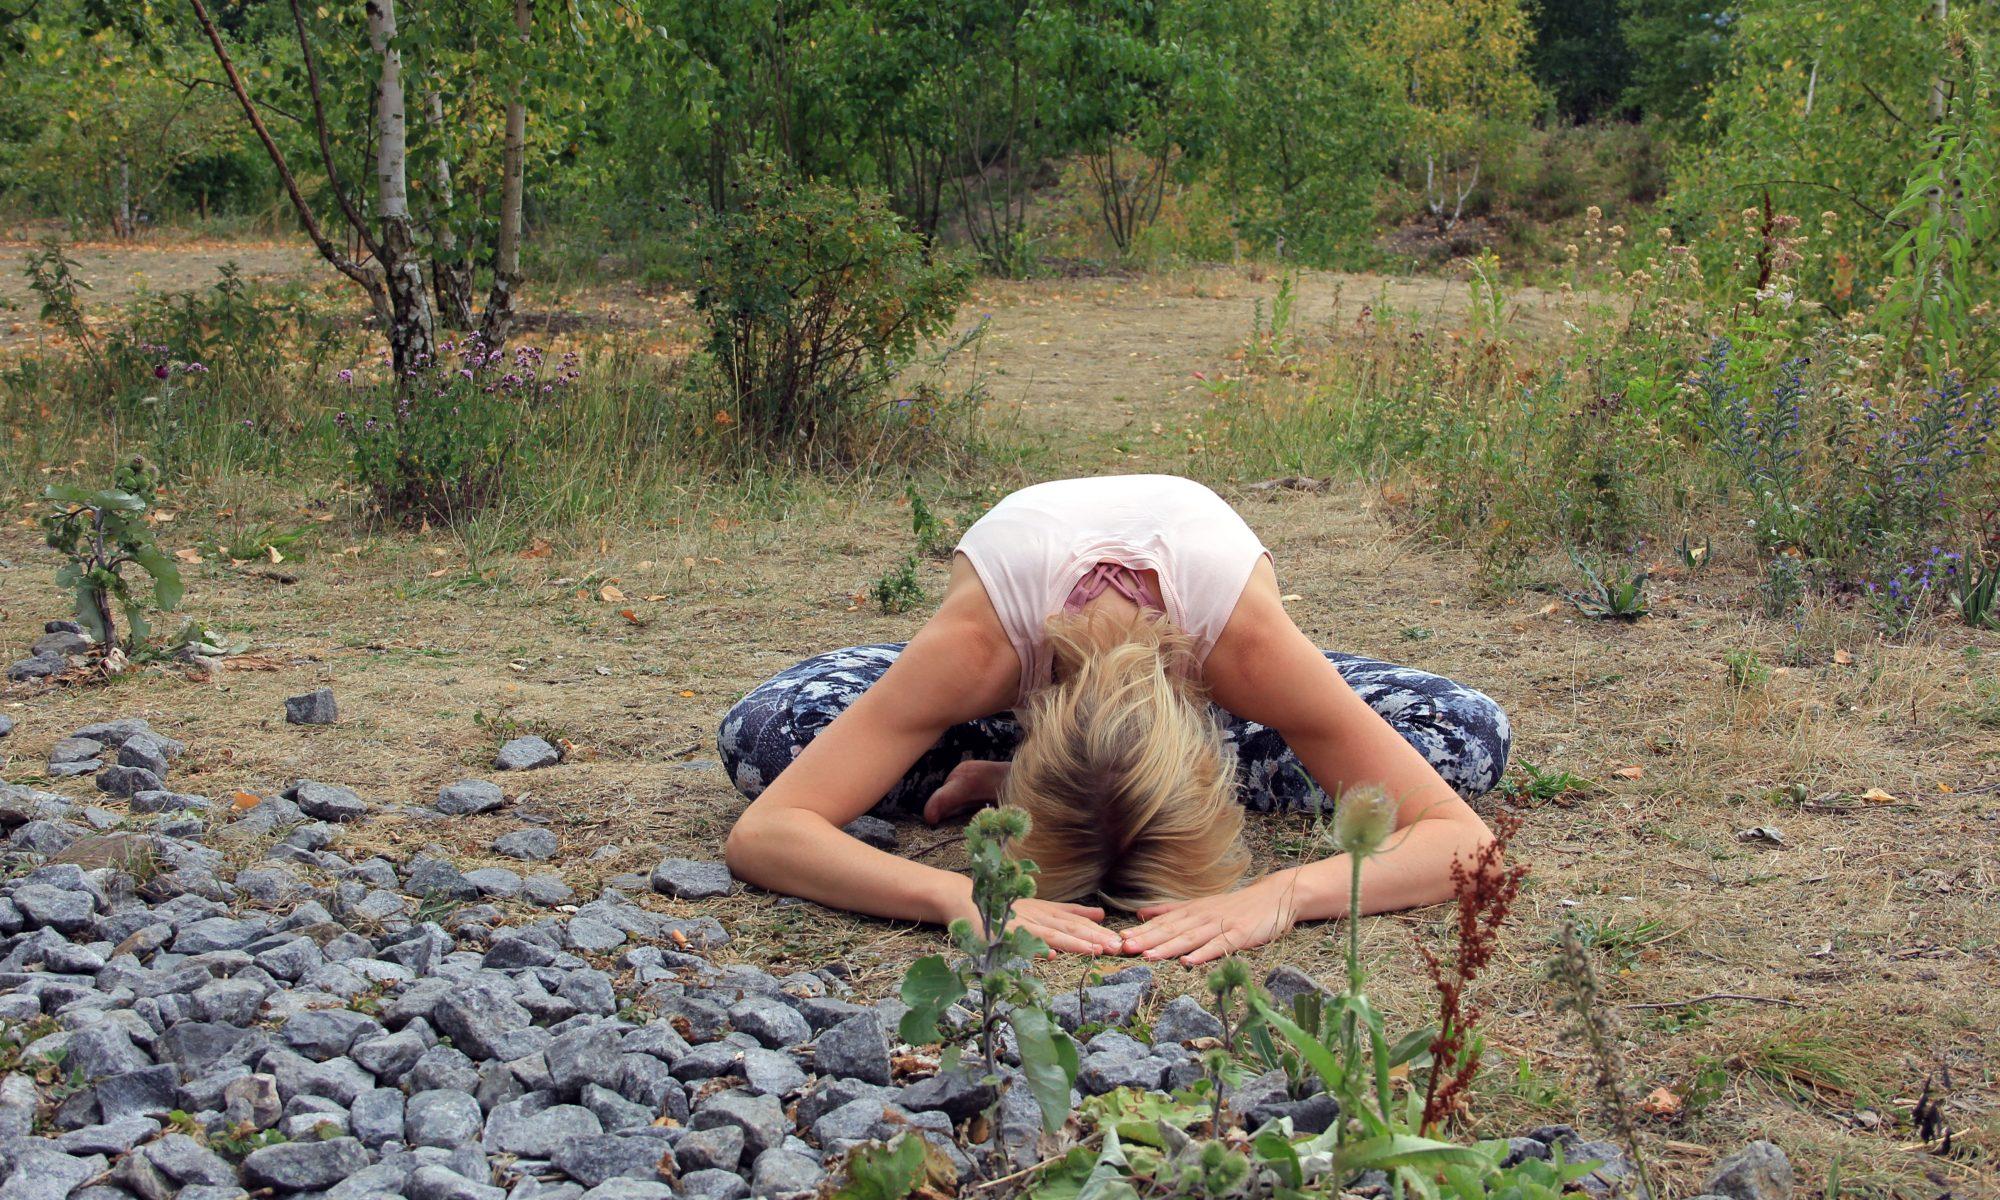 Ulrike Pape mit der Stirn am Boden